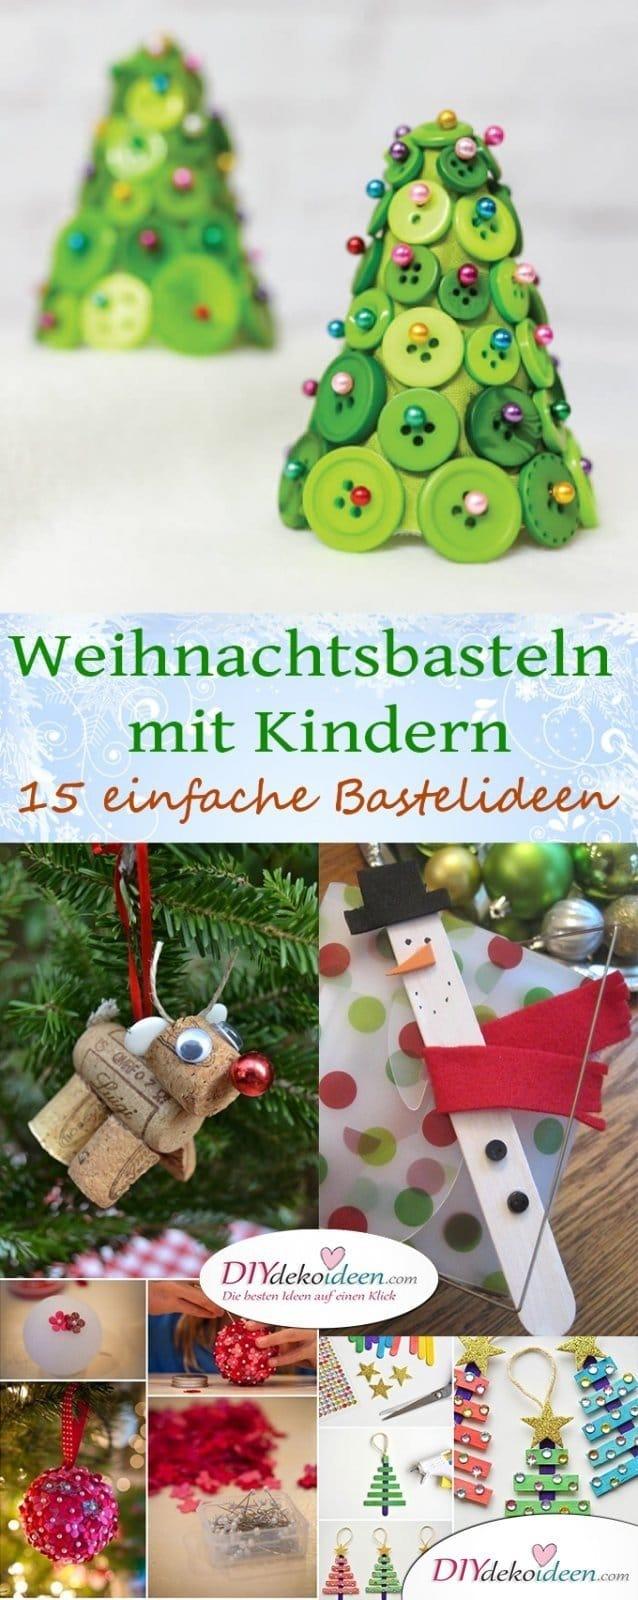 15 einfache DIY Bastelideen fürs Weihnachtsbasteln mit Kindern